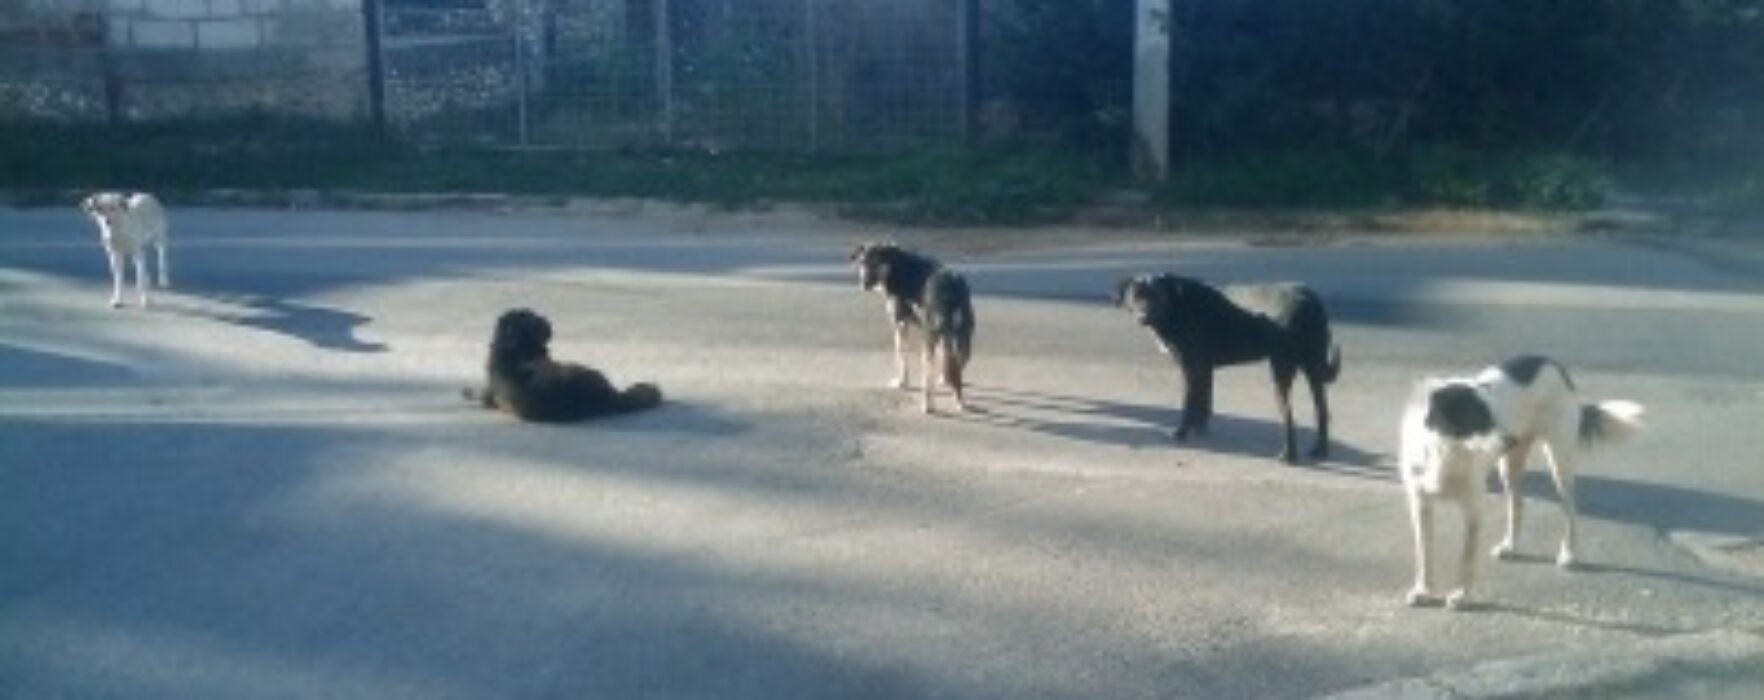 Peste 1.100 de persoane au ajuns la spital, în Târgovişte, muşcate de câini